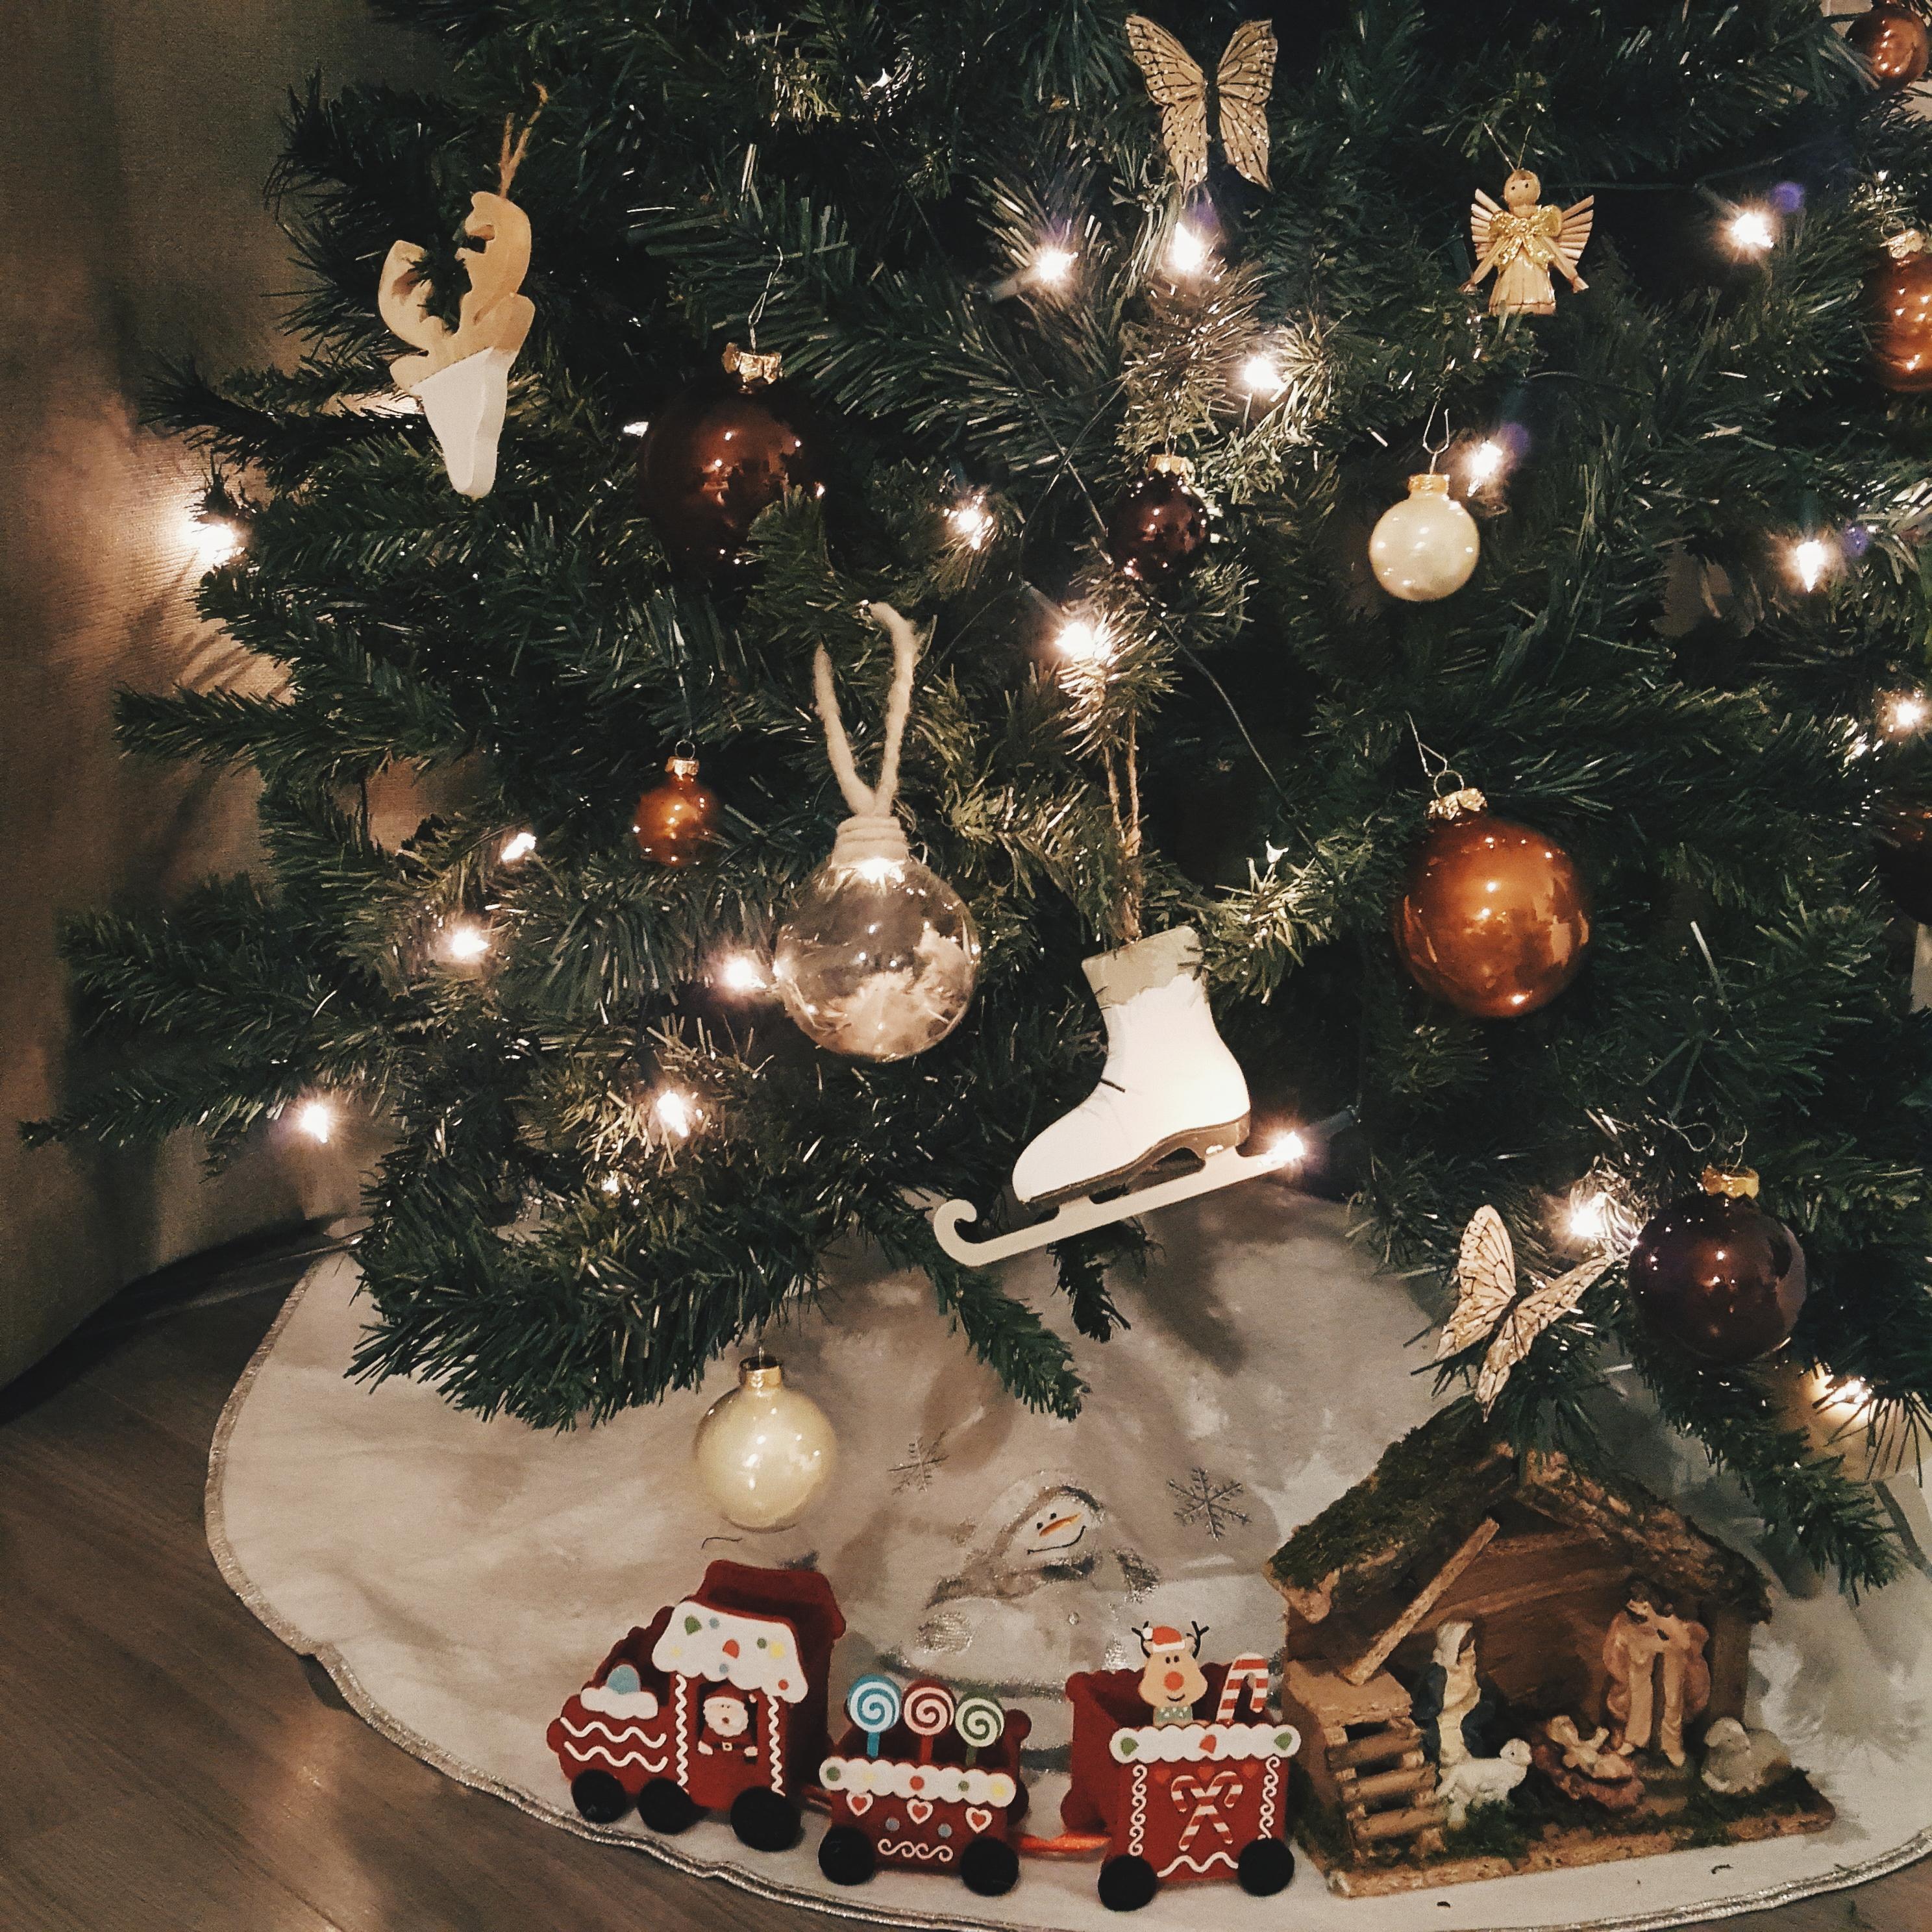 kerstboom verlanglijstje